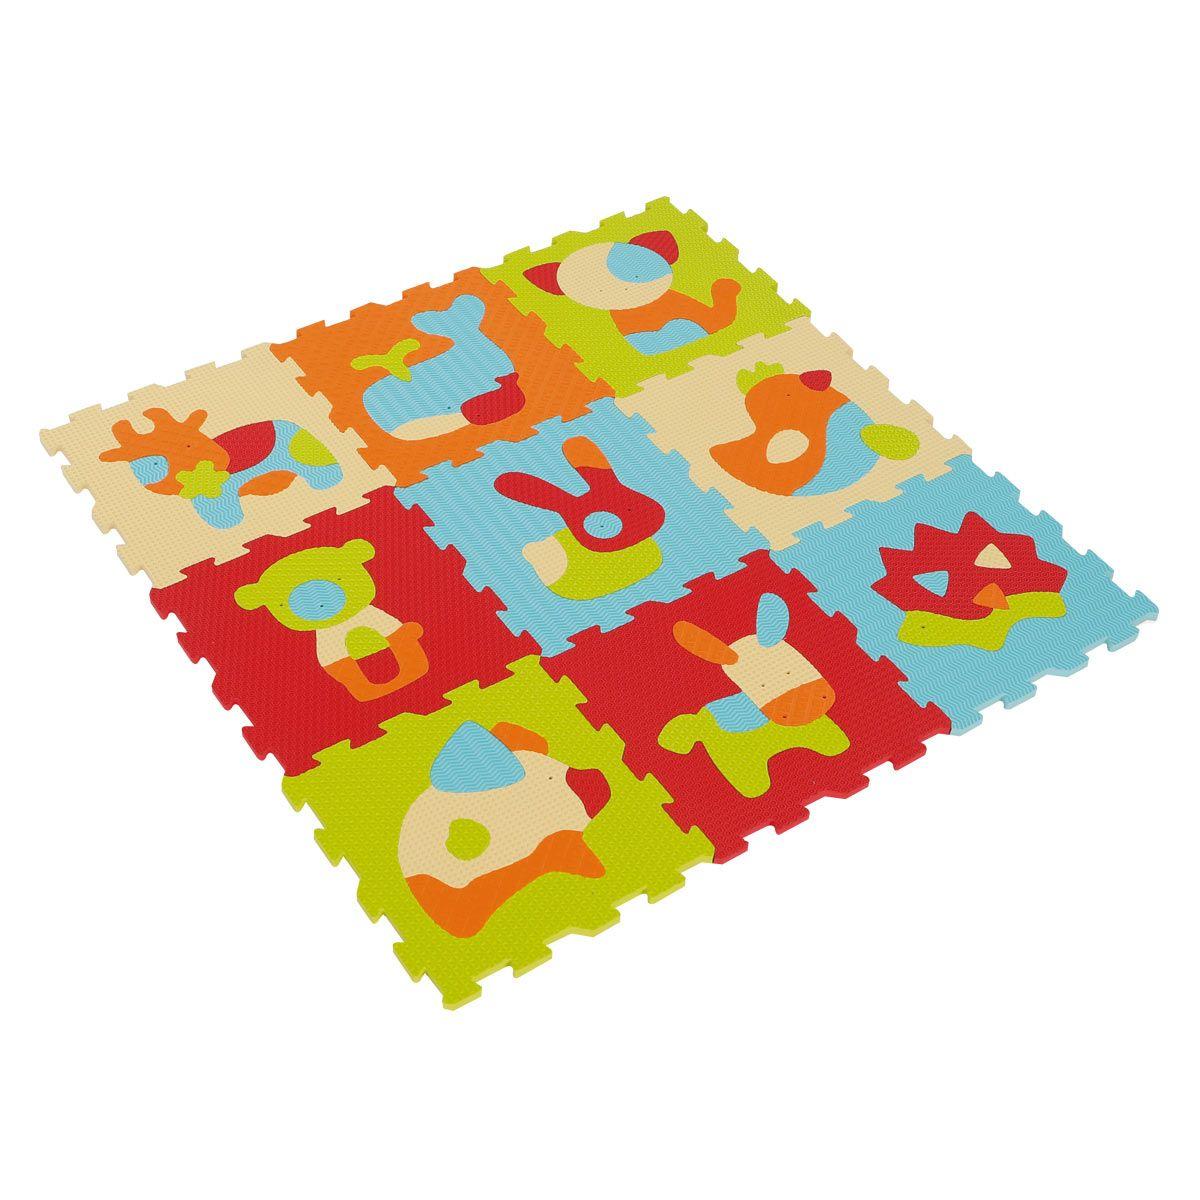 Tapis De Motricité Pas Cher tapis dalles sensorielles animaux ludi pour enfant de 9 mois